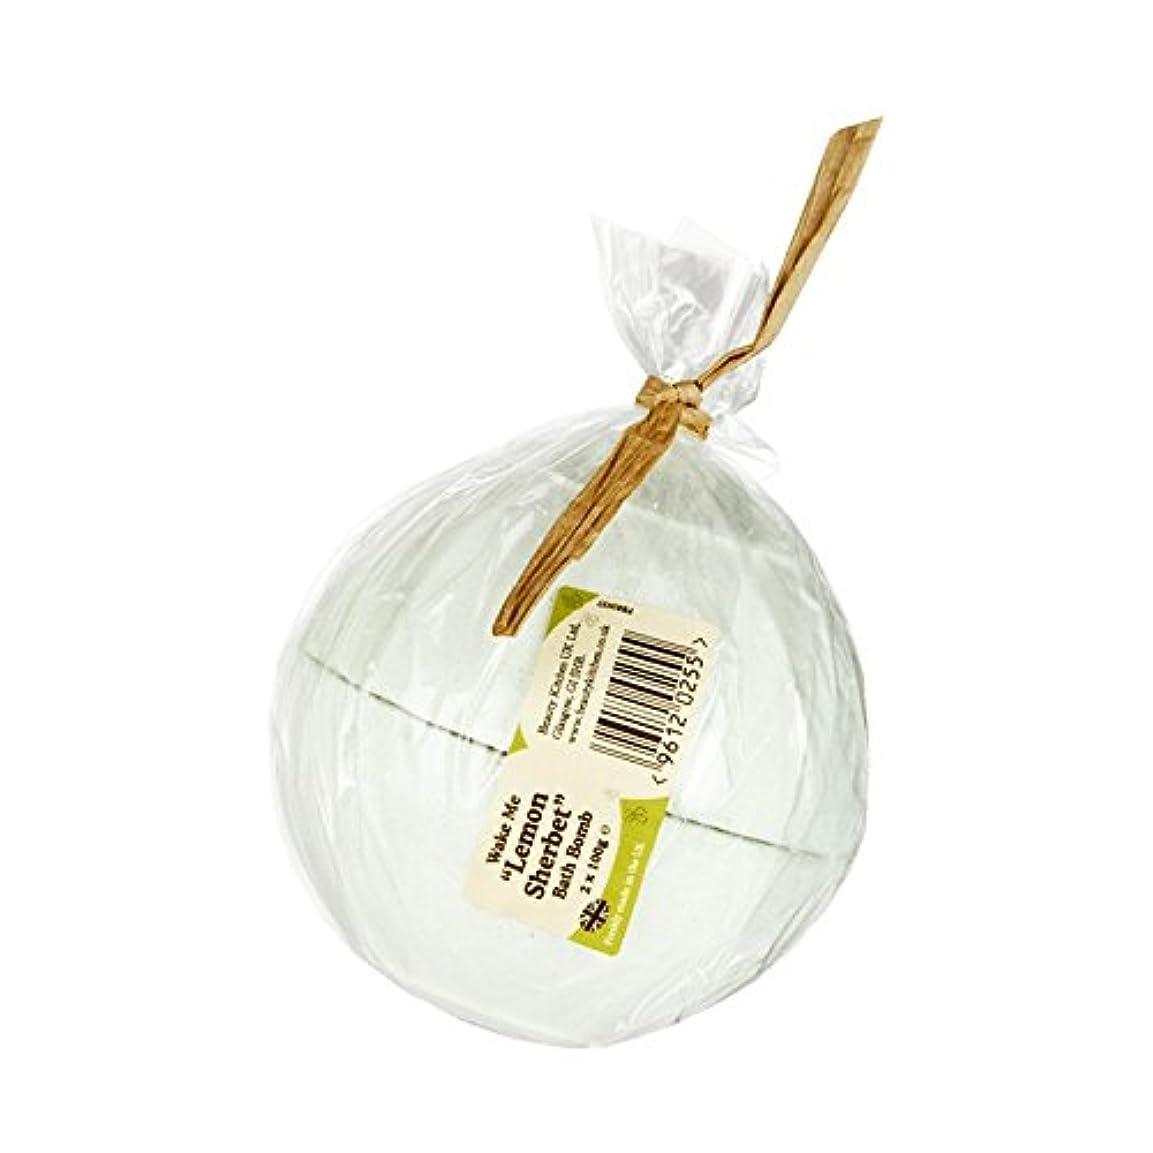 添加剤脈拍道路を作るプロセスBeauty Kitchen Wake Me Lemon Sherbet Bath Bomb 2 x 100g (Pack of 6) - 美しさのキッチンは私にレモンシャーベットバス爆弾2×100グラムを覚まします (...